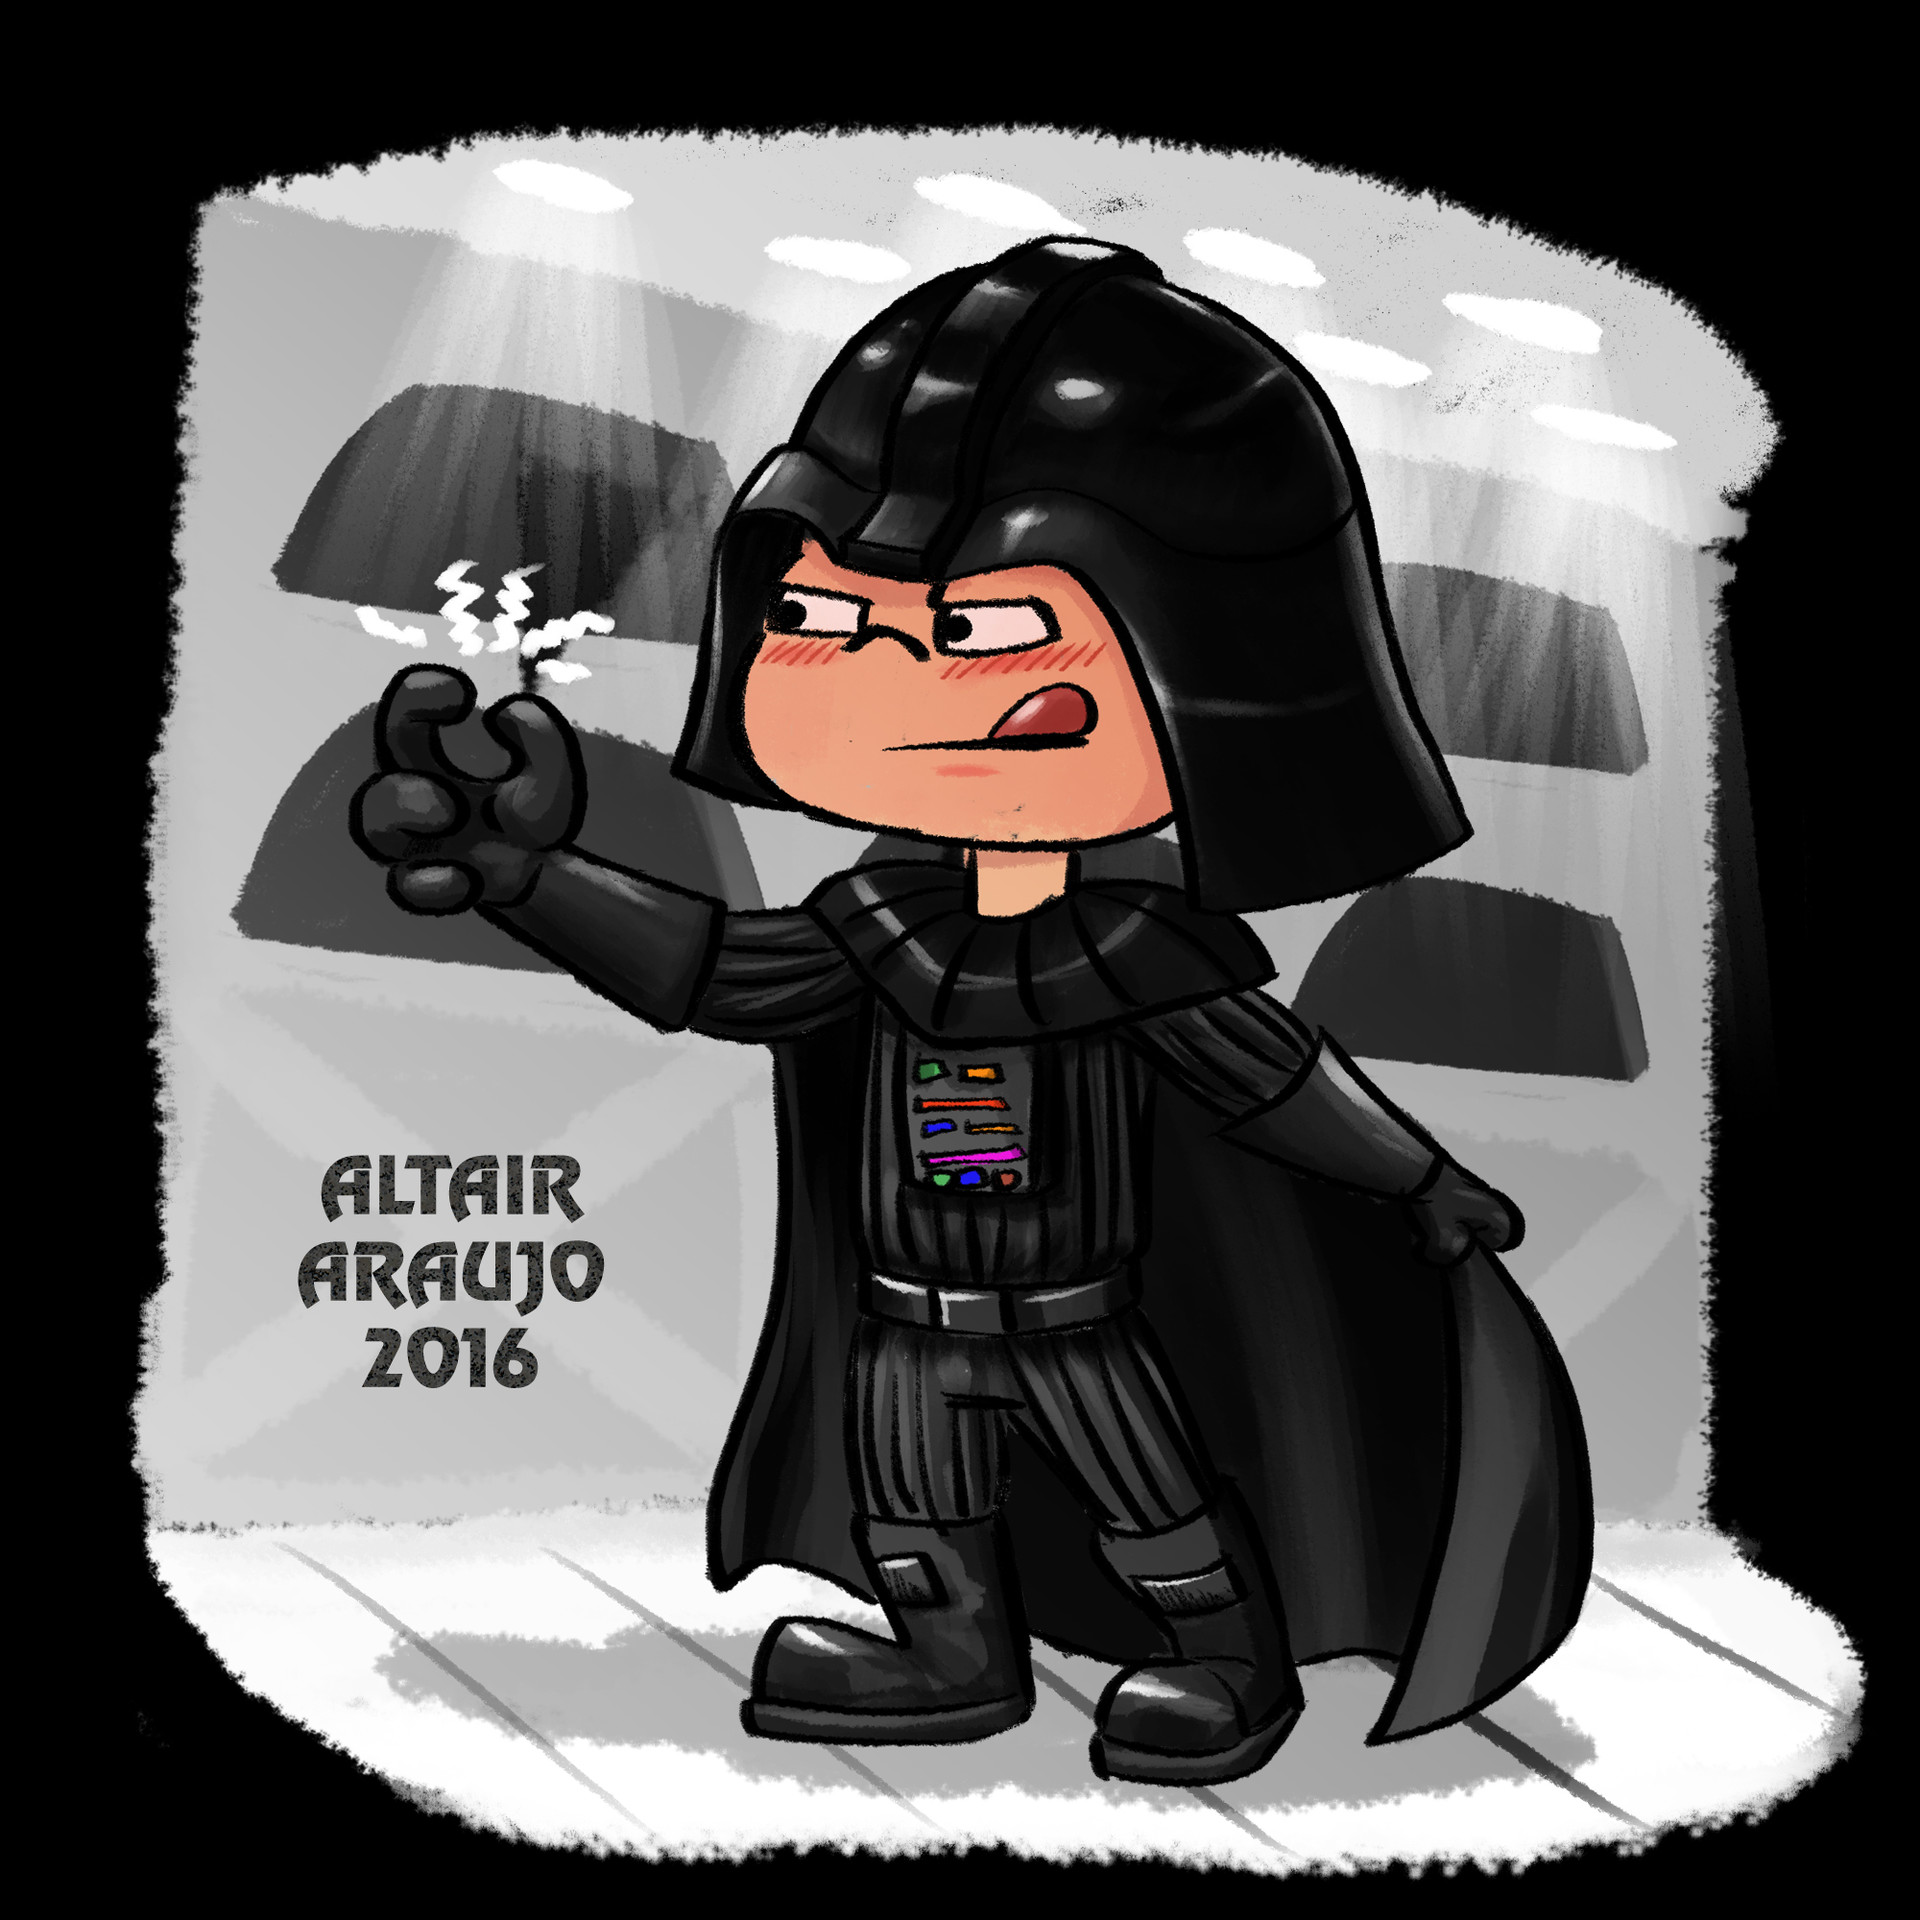 Altair araujo lil vader